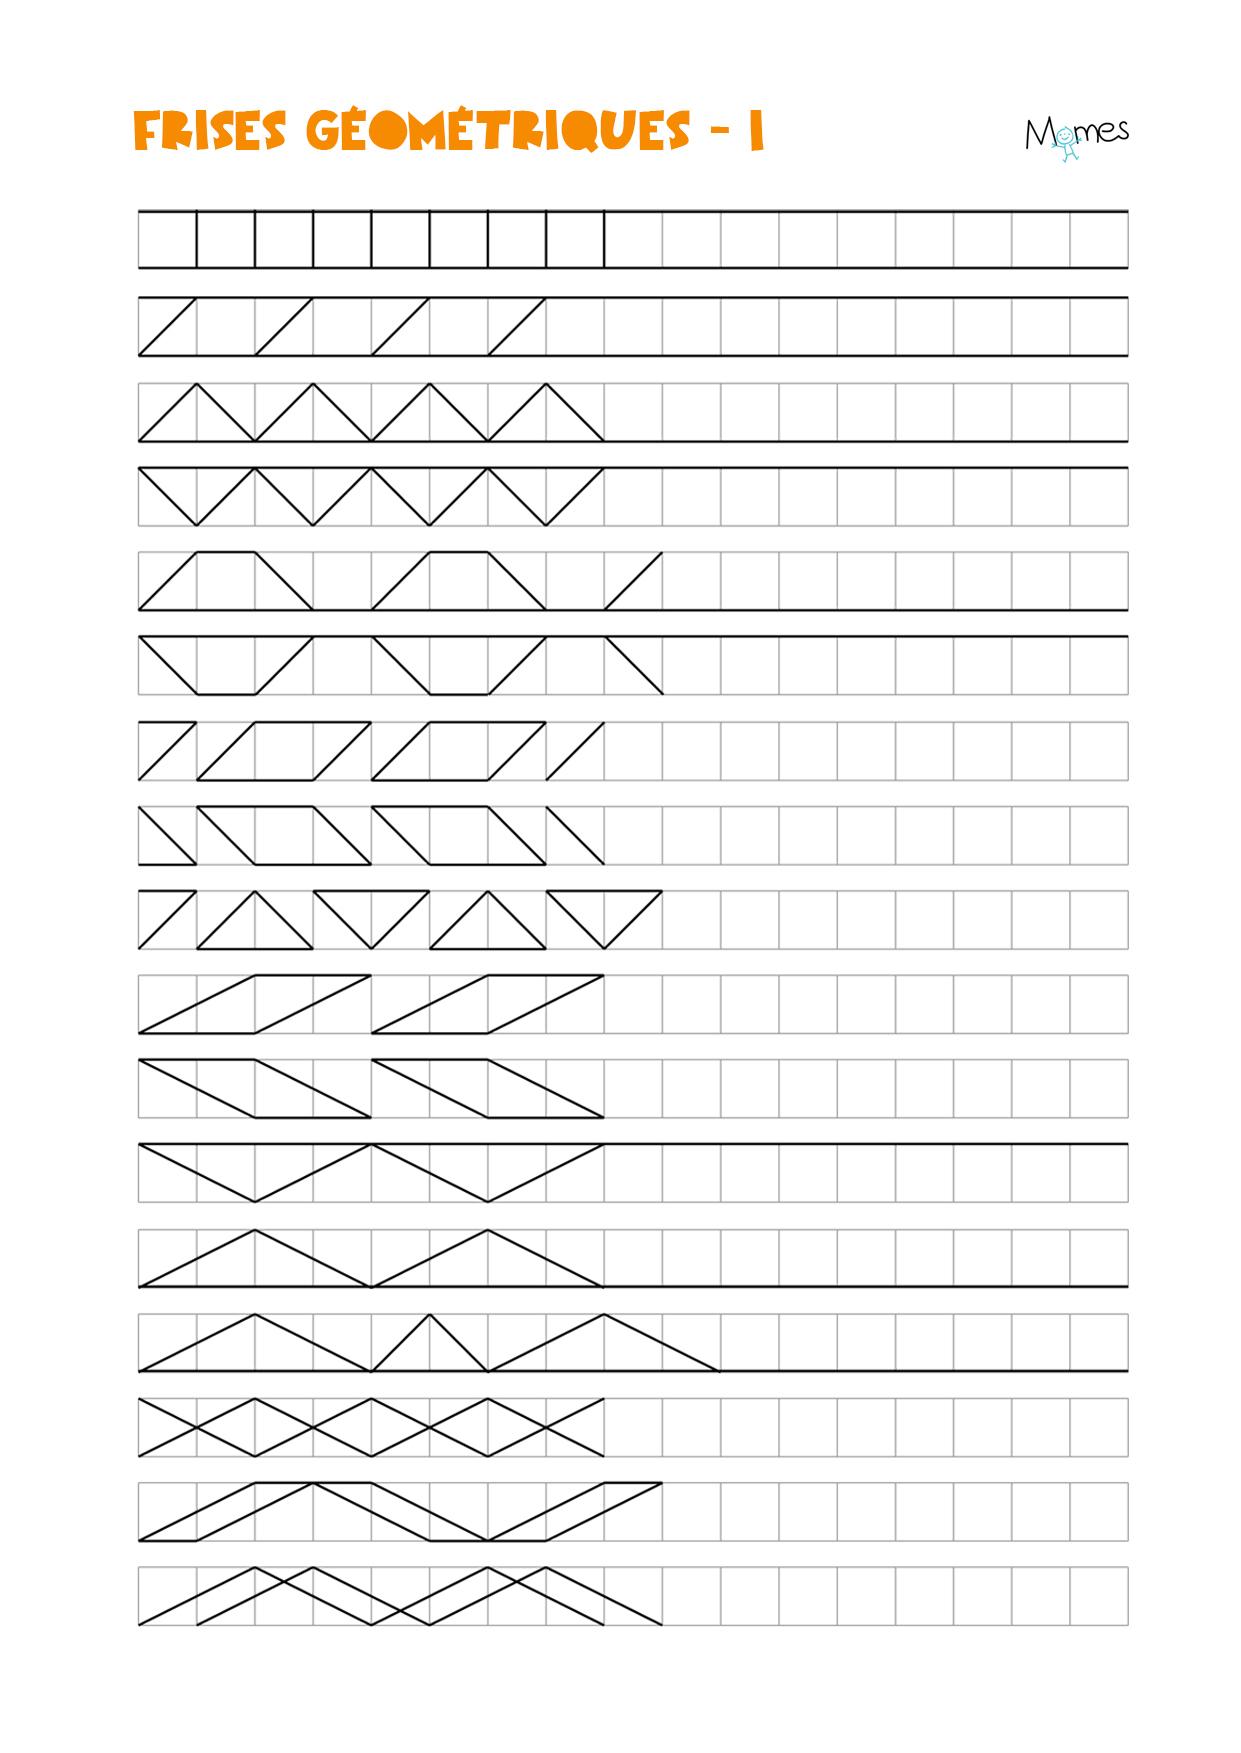 Frises Géométriques - Momes à Reproduction Sur Quadrillage Cm1 A Imprimer